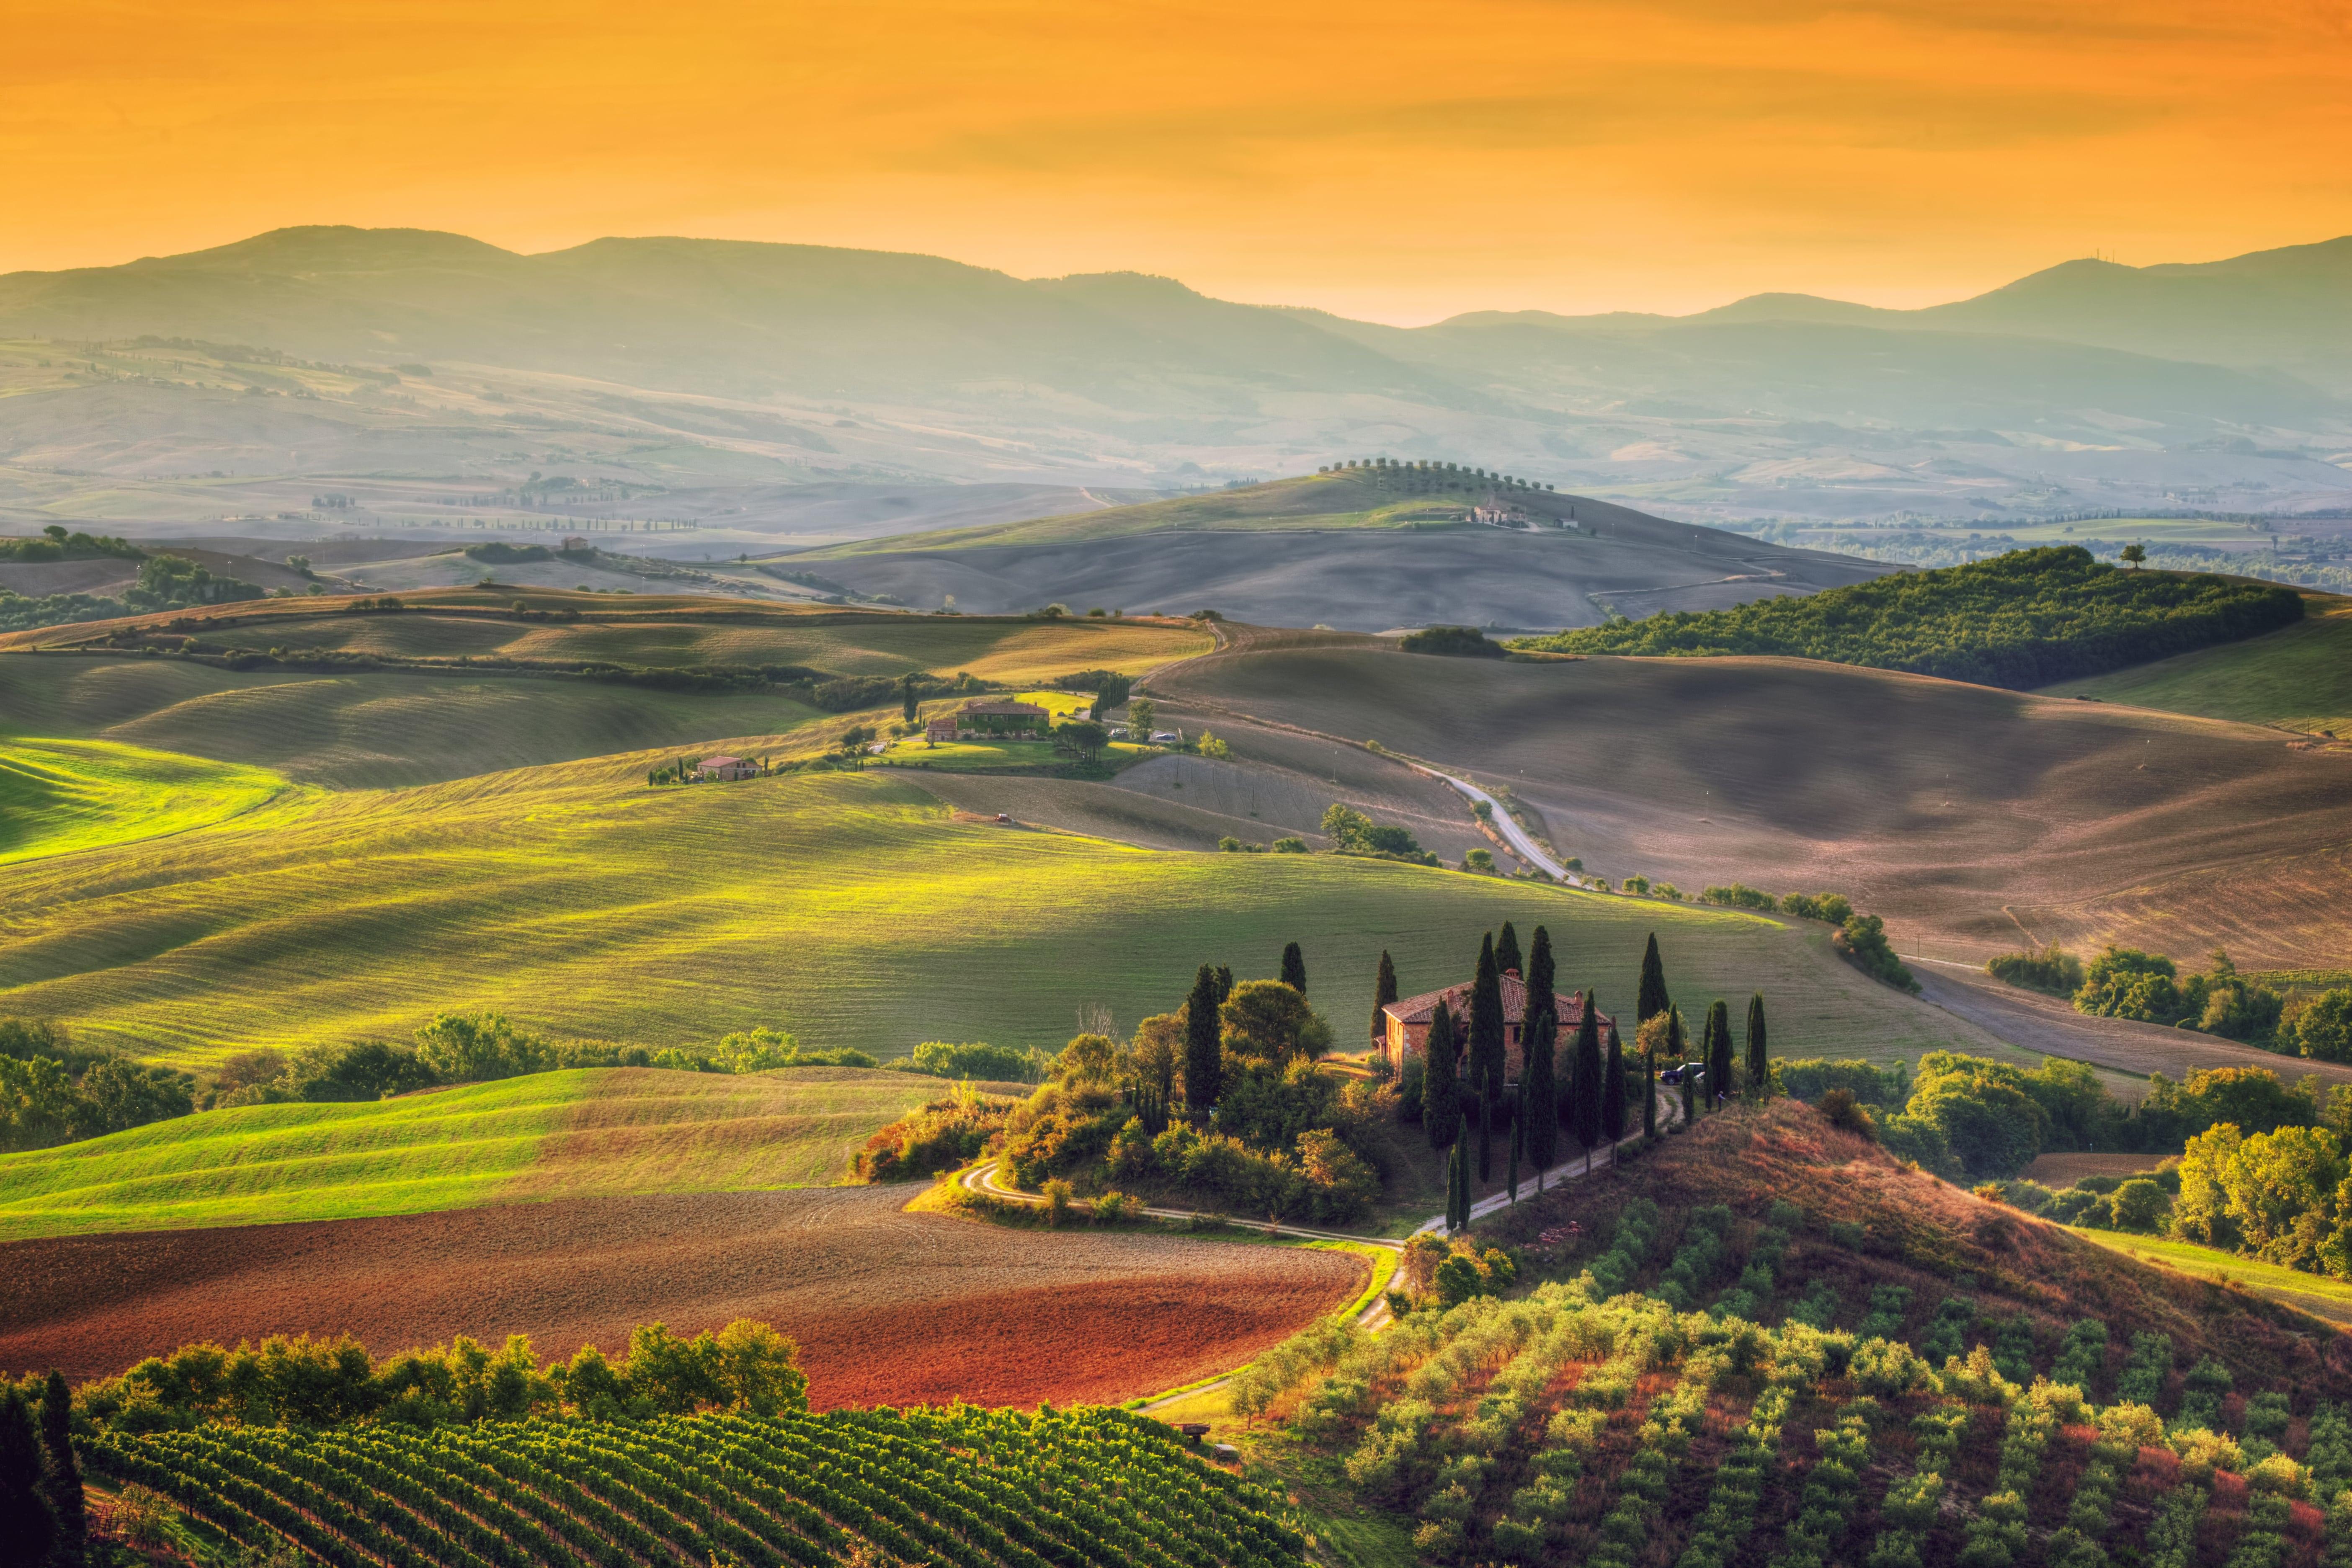 Sunrise in Tuscany Italy